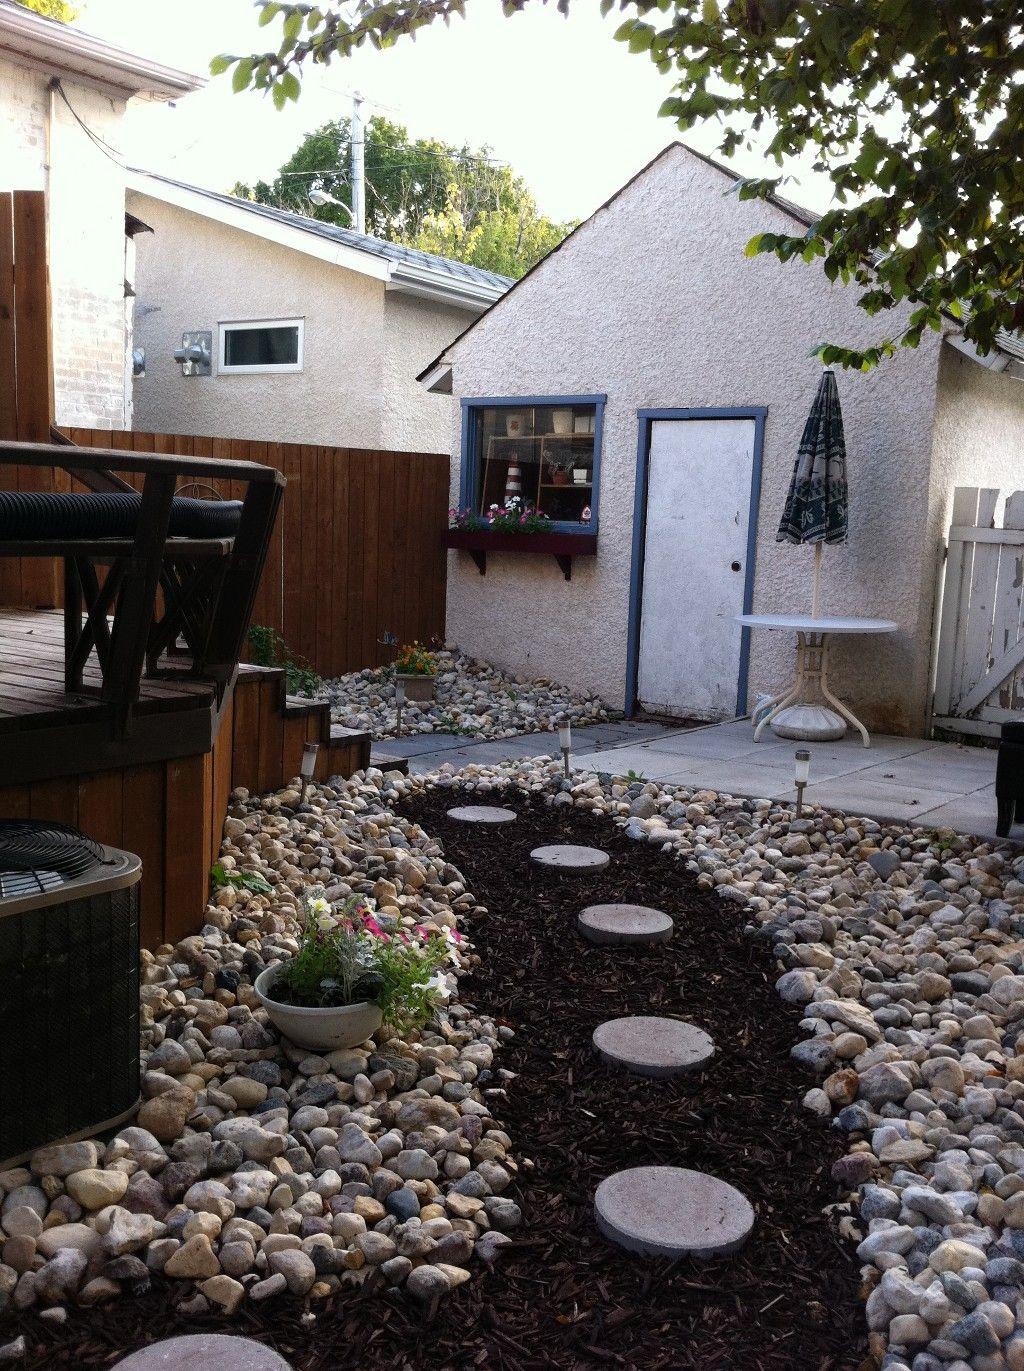 Photo 7: Photos: 532 Telfer Street South in Winnipeg: Wolseley Single Family Detached for sale (West Winnipeg)  : MLS®# 1307814